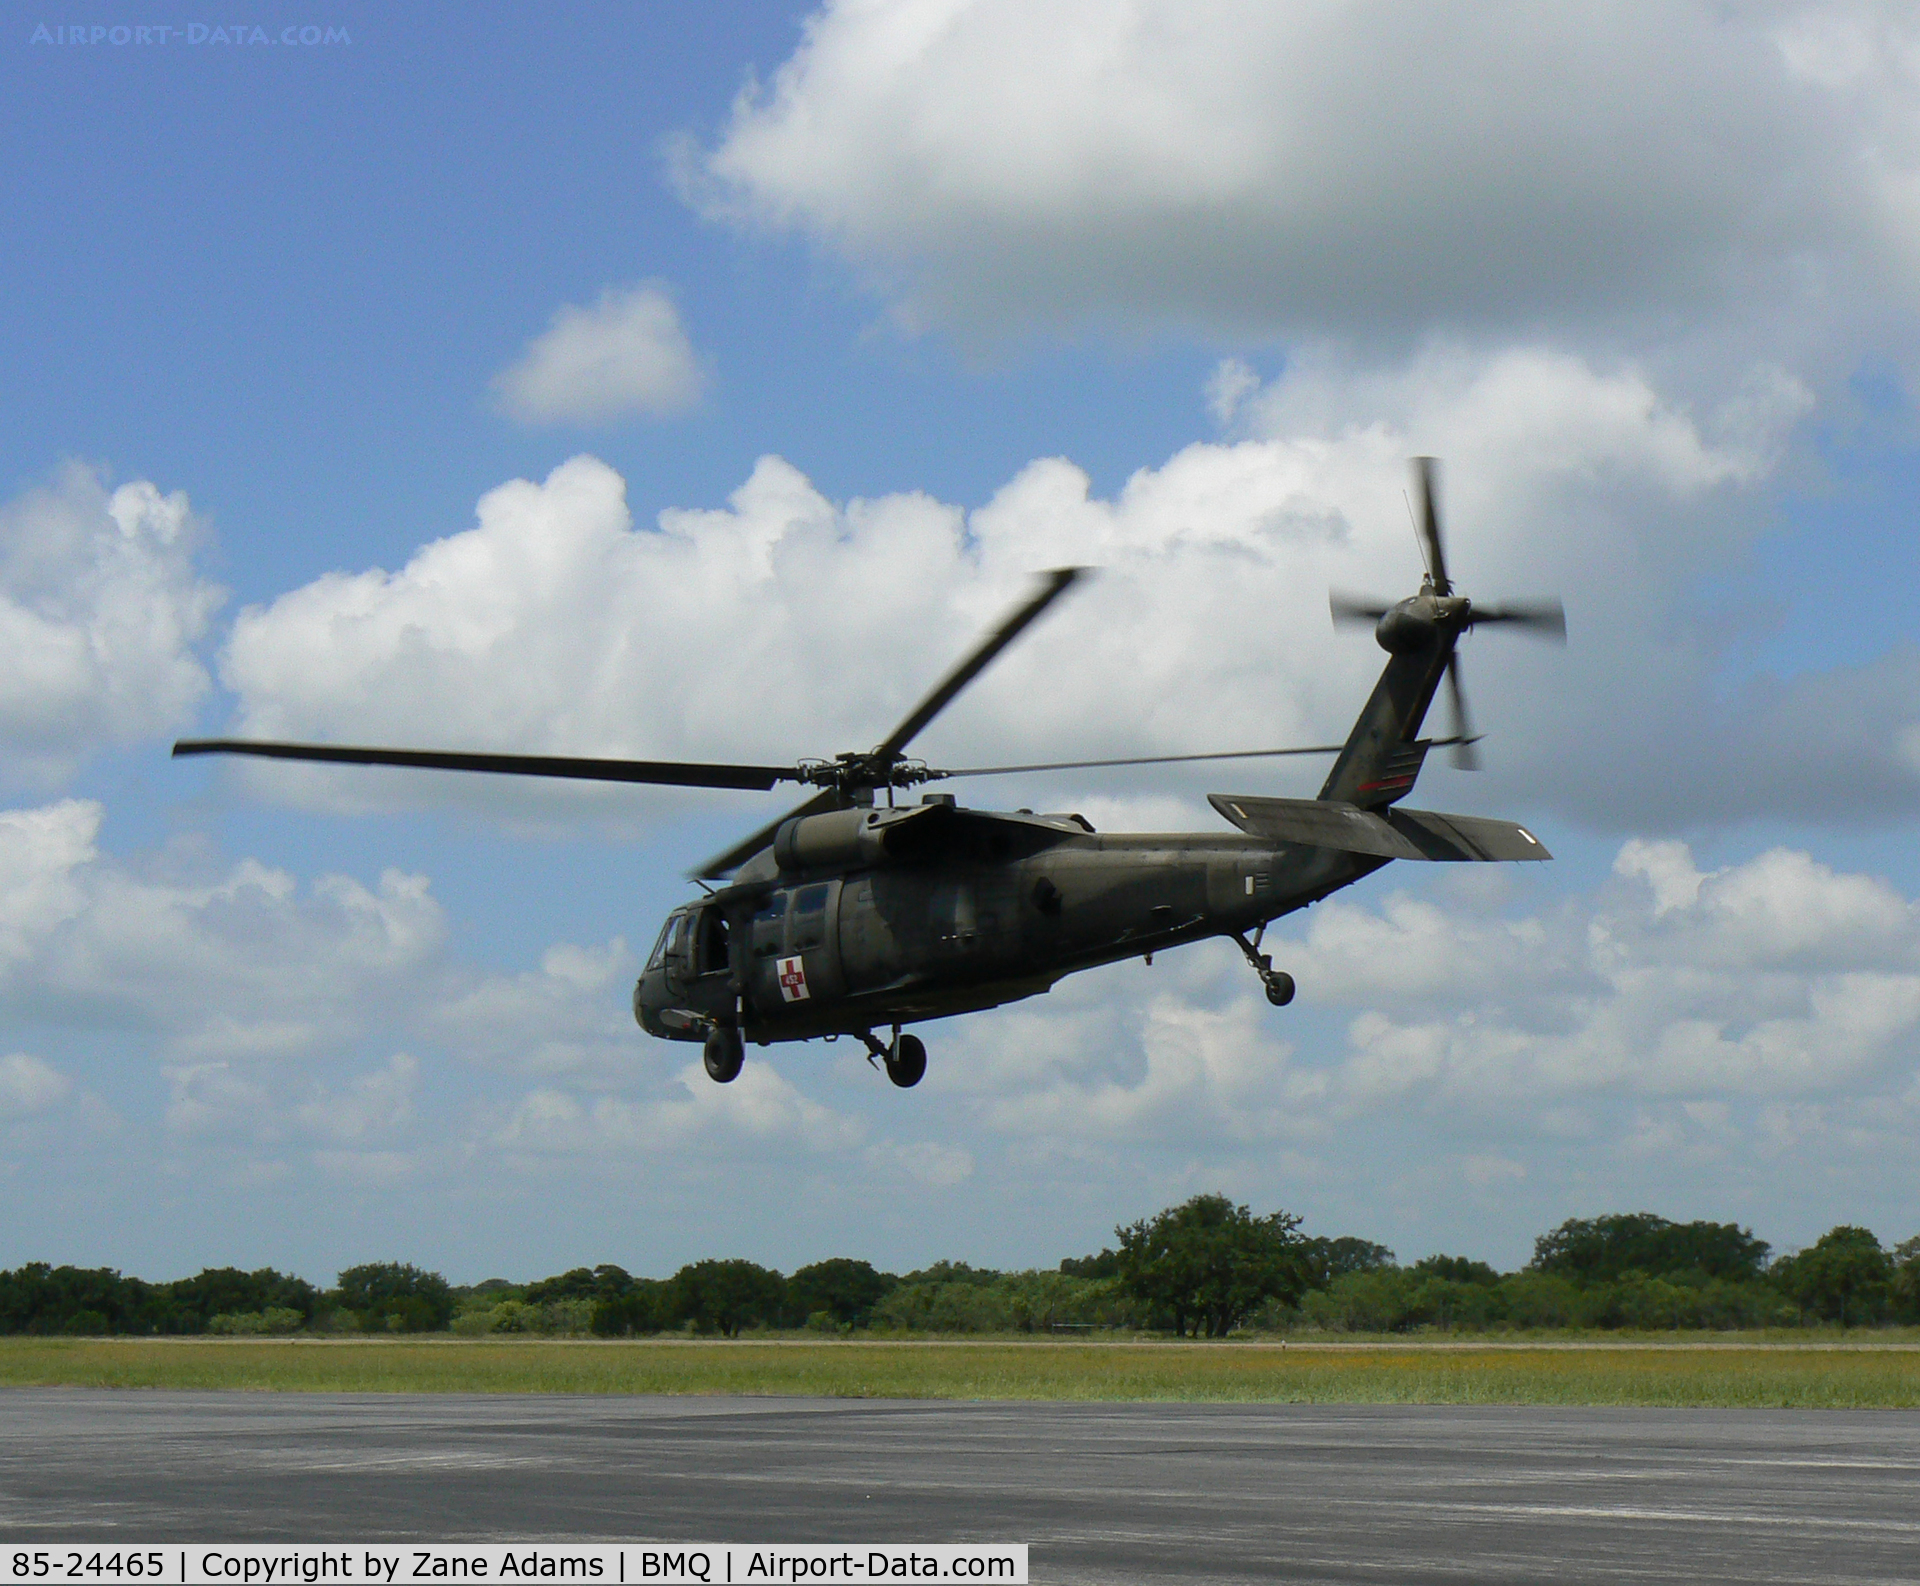 85-24465, 1985 Sikorsky EH-60A Black Hawk C/N 70-999, At Burnet Muni